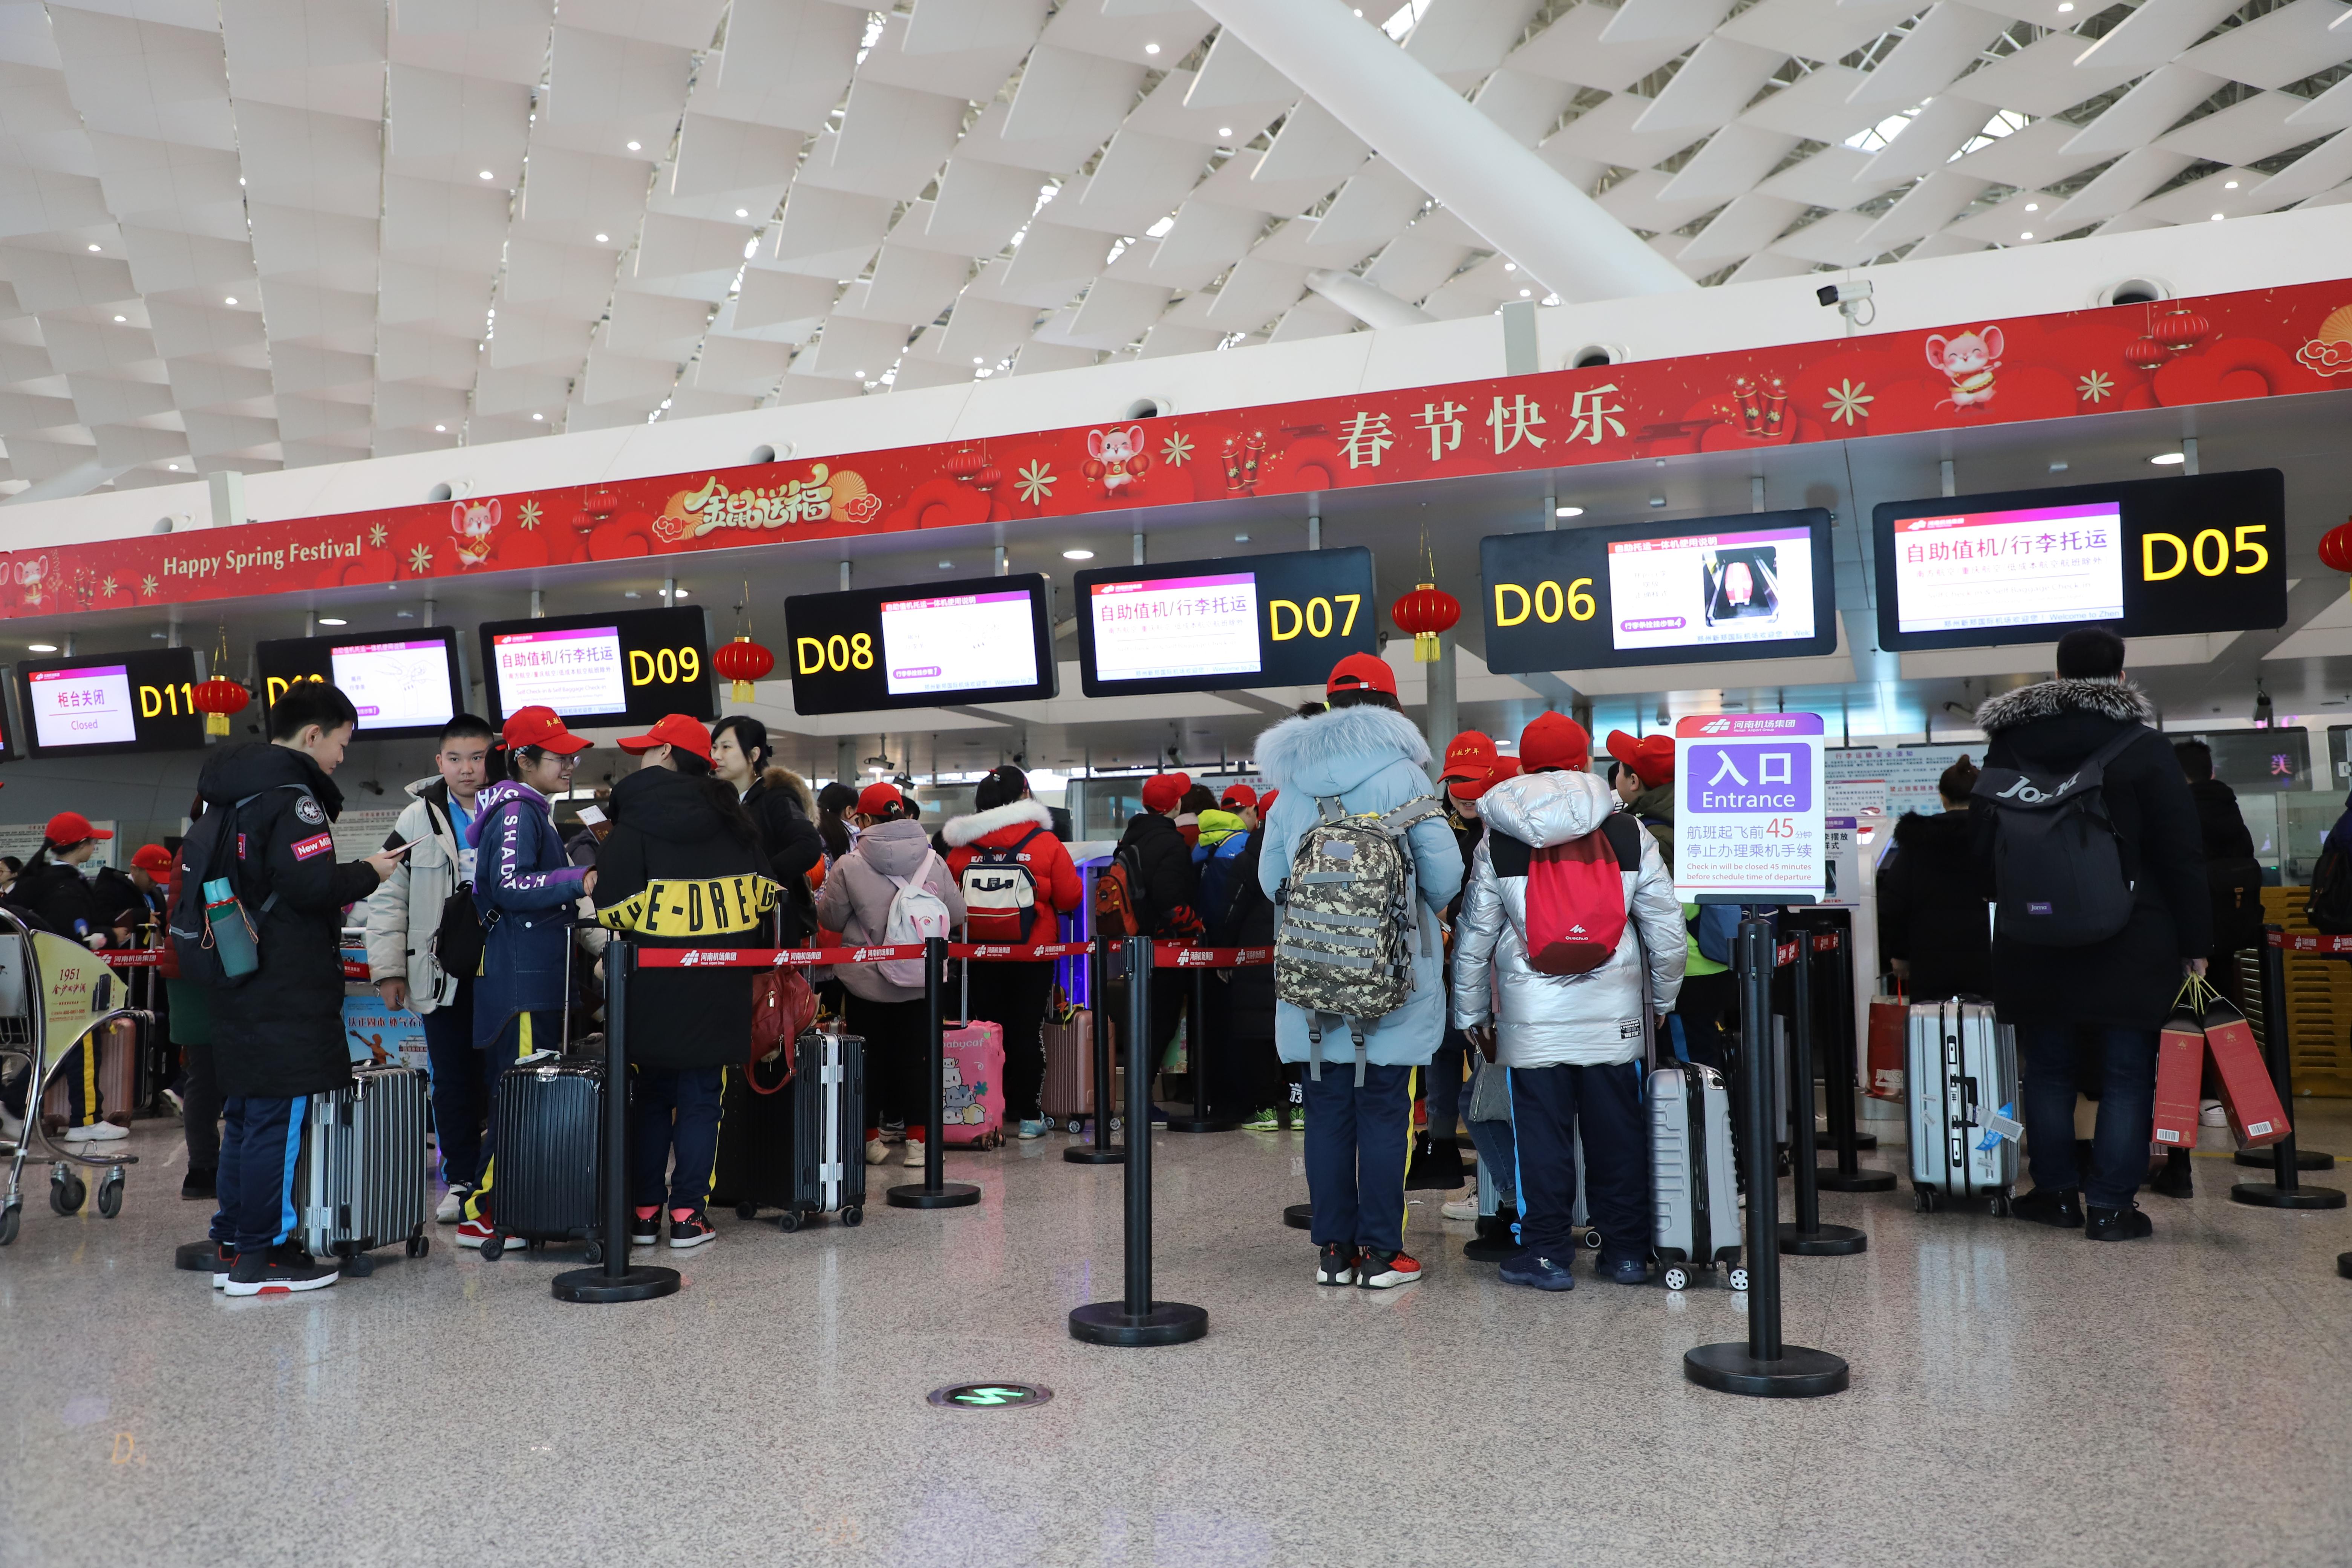 【暖暖春运路】郑州机场迎春运客流高峰,7天发送旅客61万人次